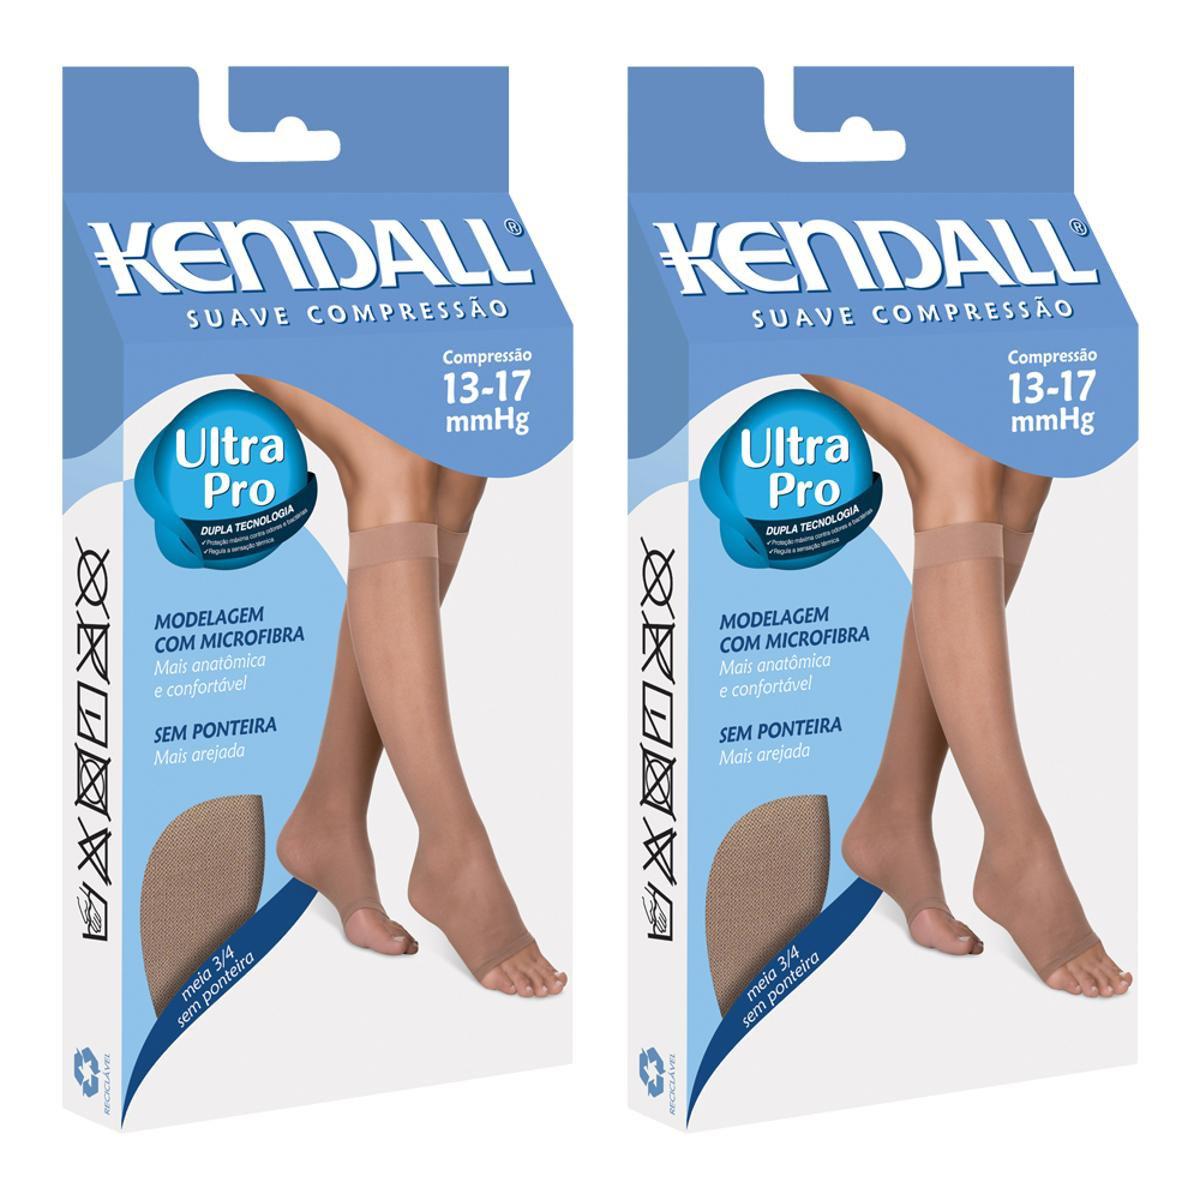 5ce5506ff Kit Com 2 Meia 3 4 Kendall Suave Compressão Sem Ponteira - Marrom e Branco  - Compre Agora